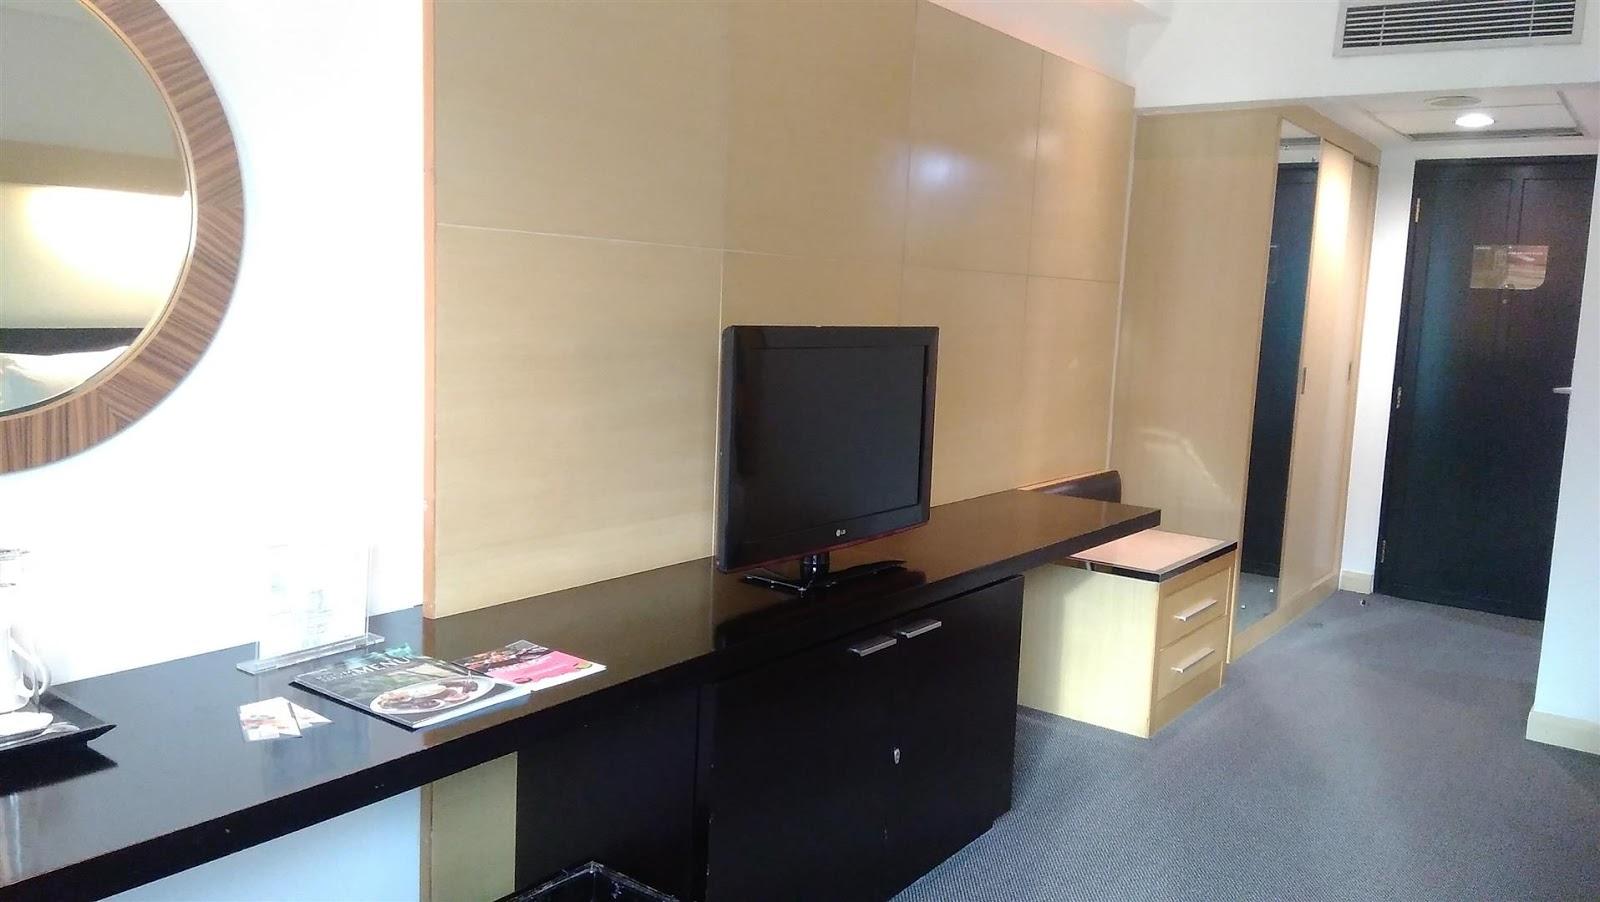 Fasilitas LCD TV